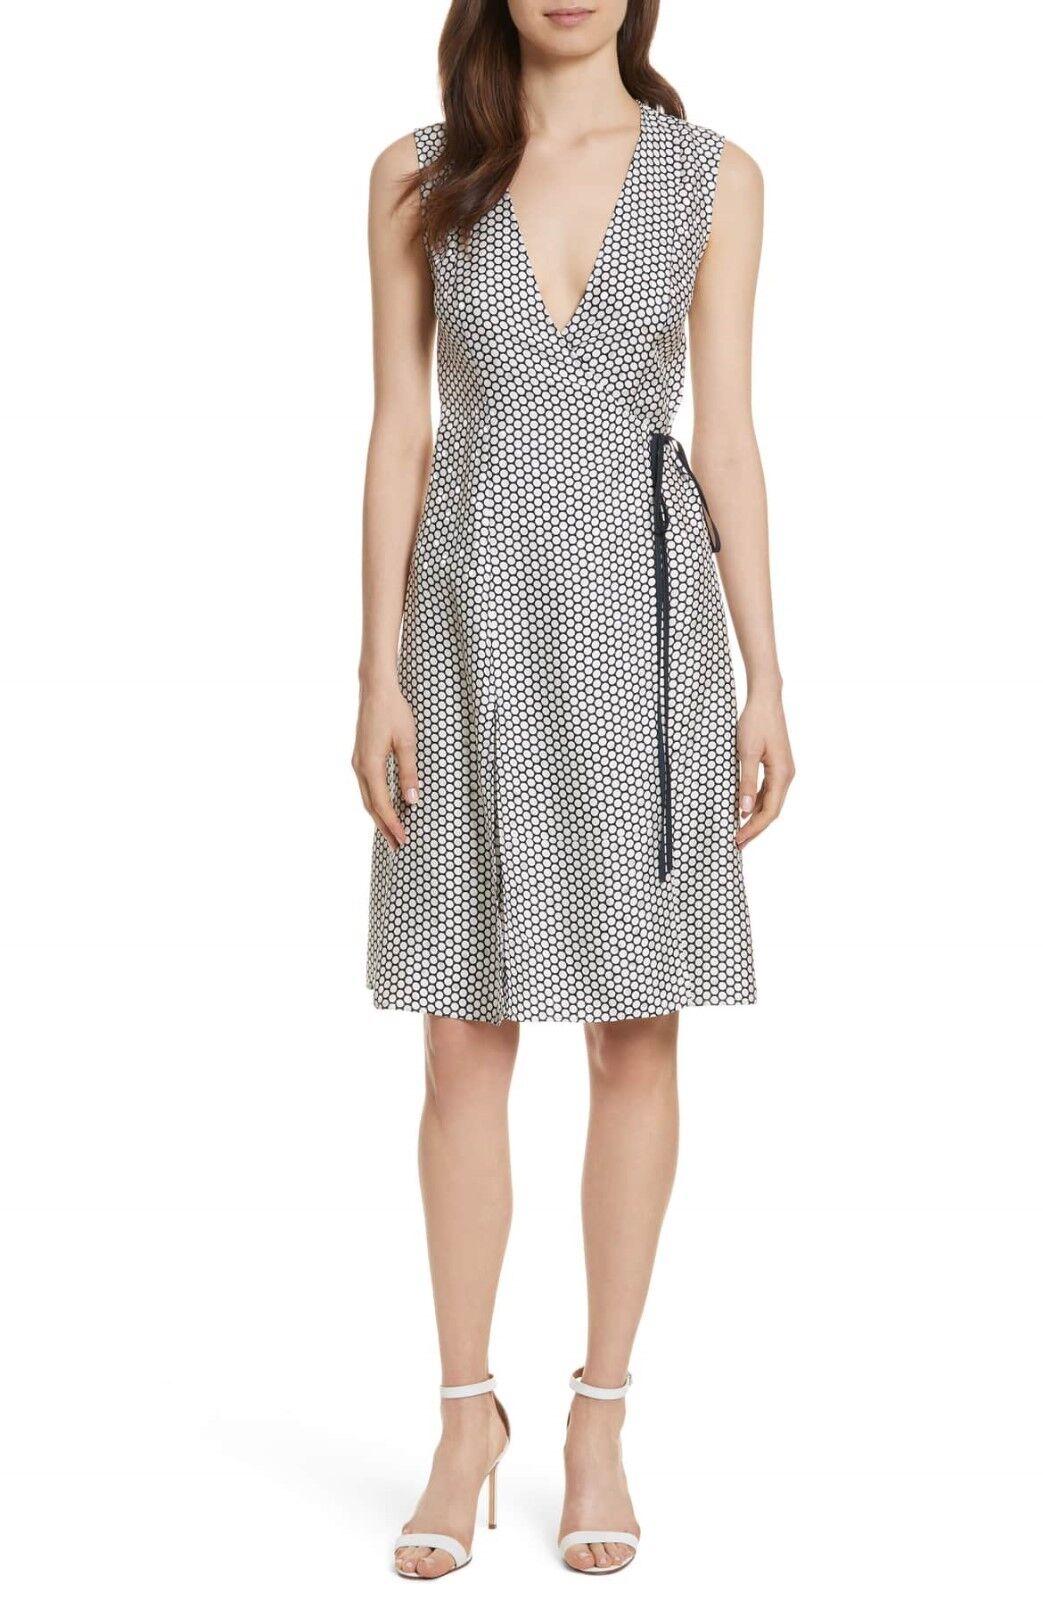 NEW Diane von Furstenberg Side Tie Silk Fit & Flare Dress in Weiß Navy - 8